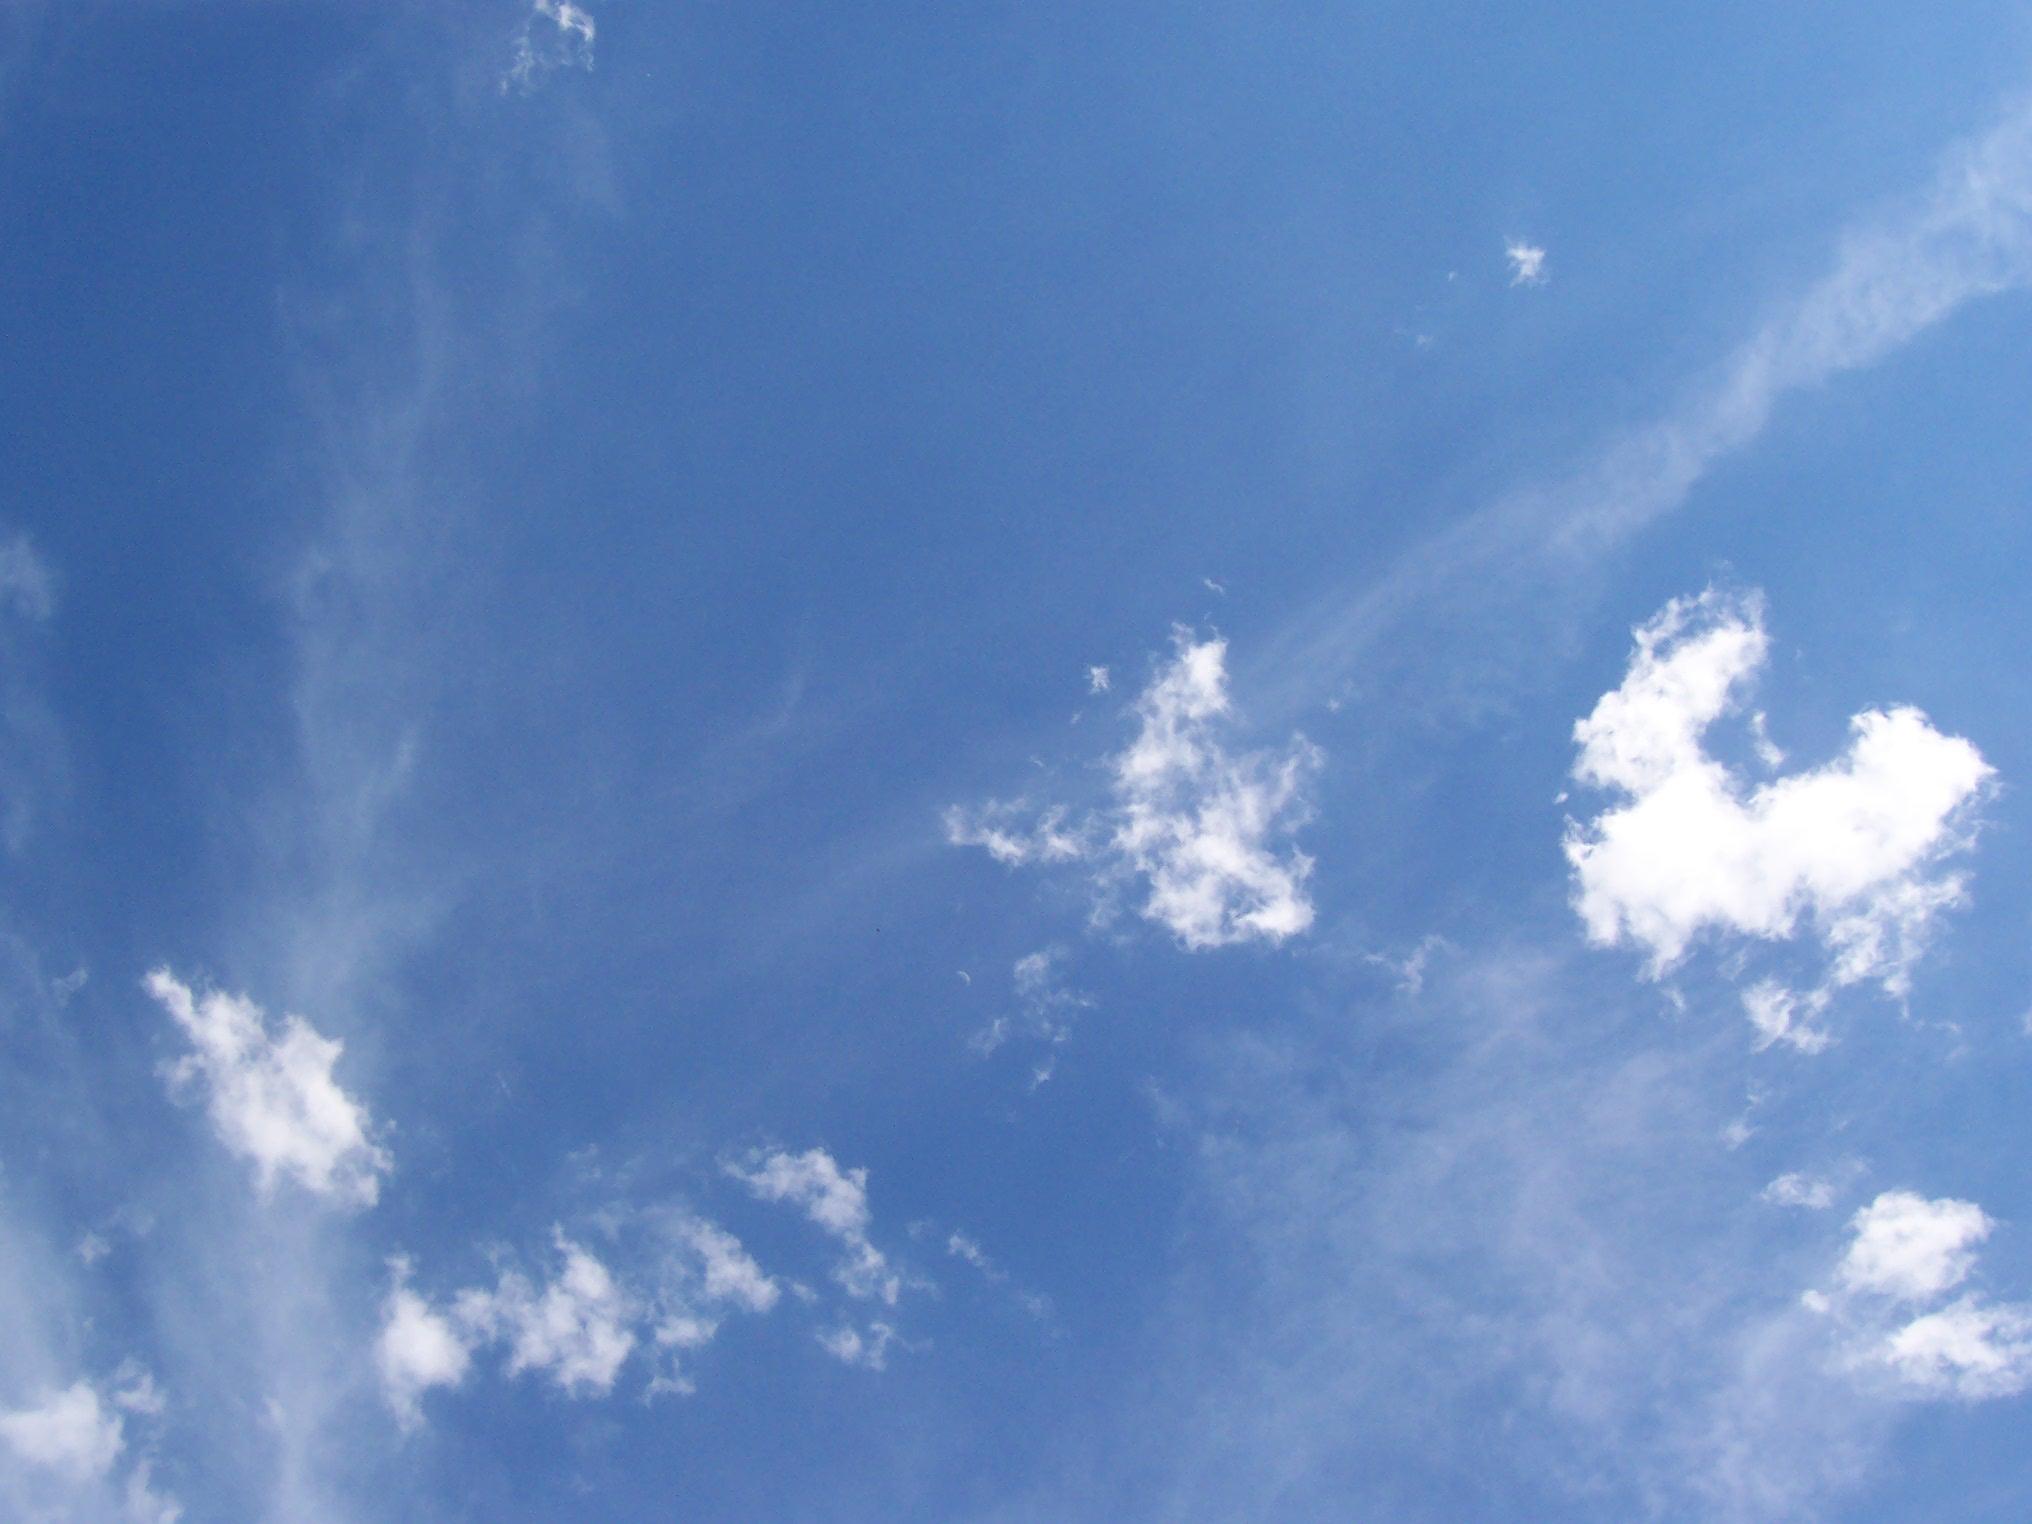 天空高清贴图【ID:136747825】